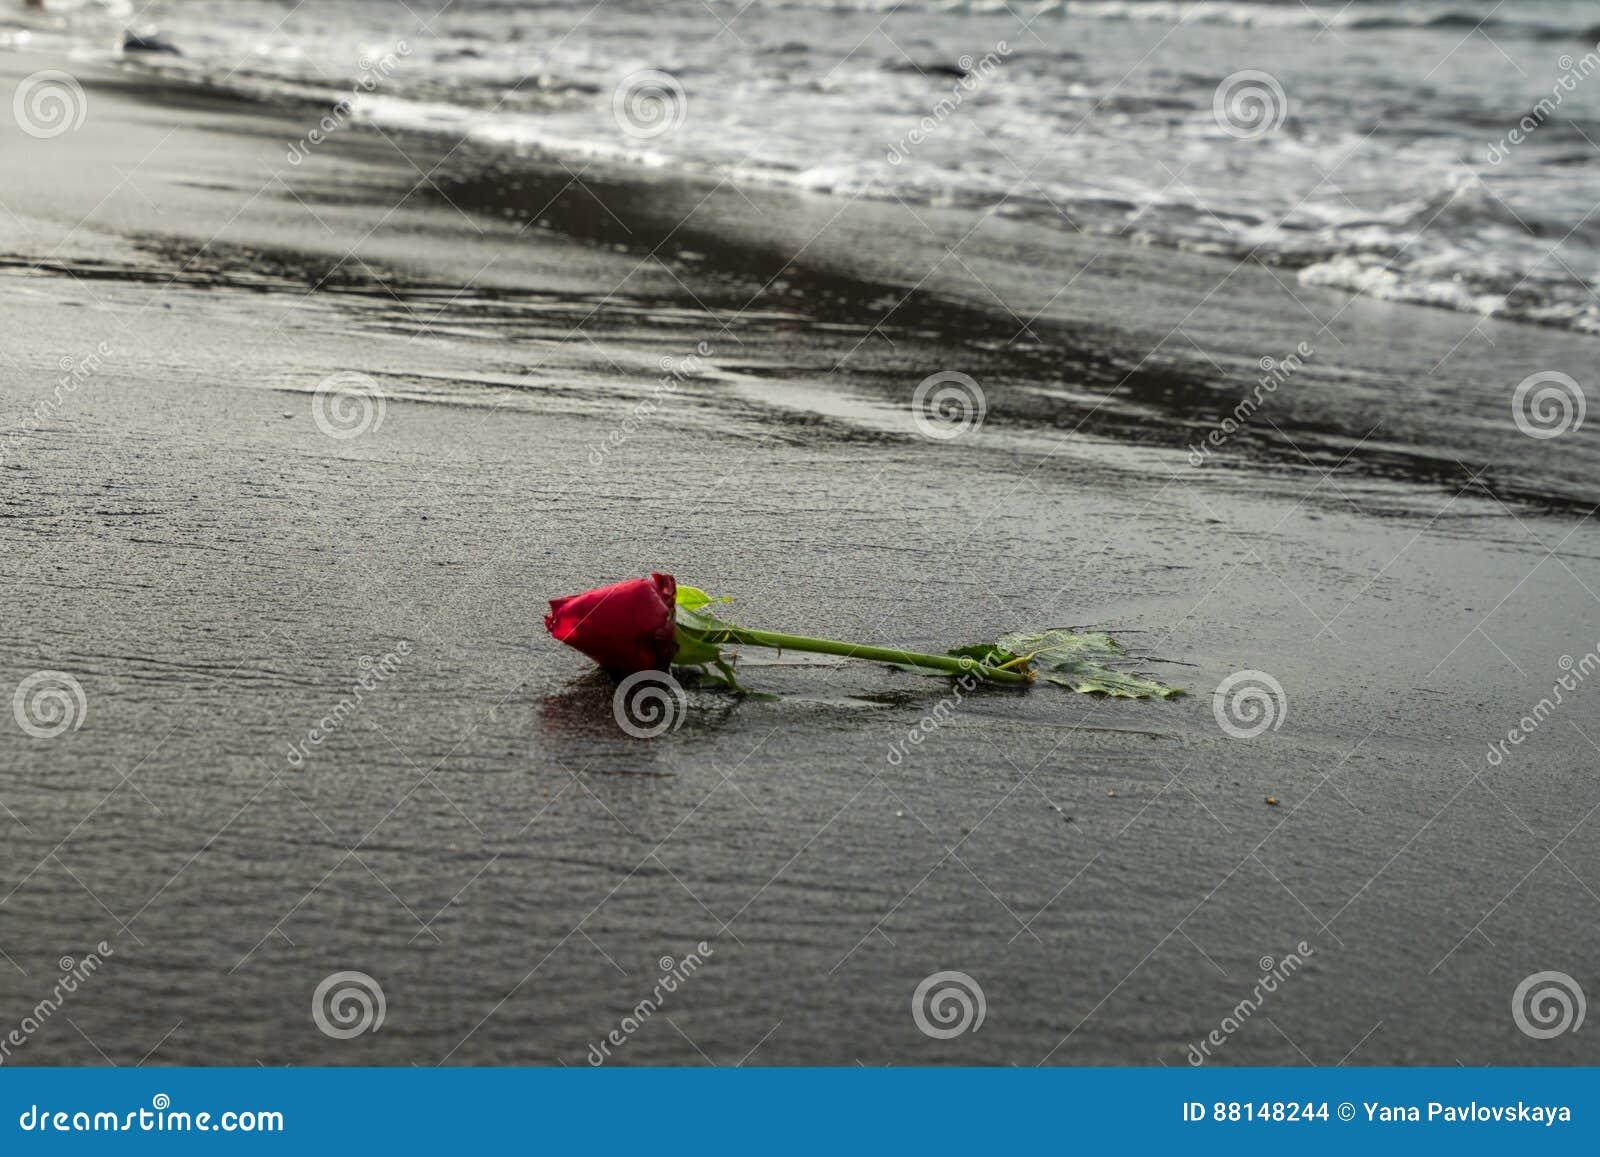 Une Rose De Rouge Sur La Plage Noire De Sable Photo Stock Image Du